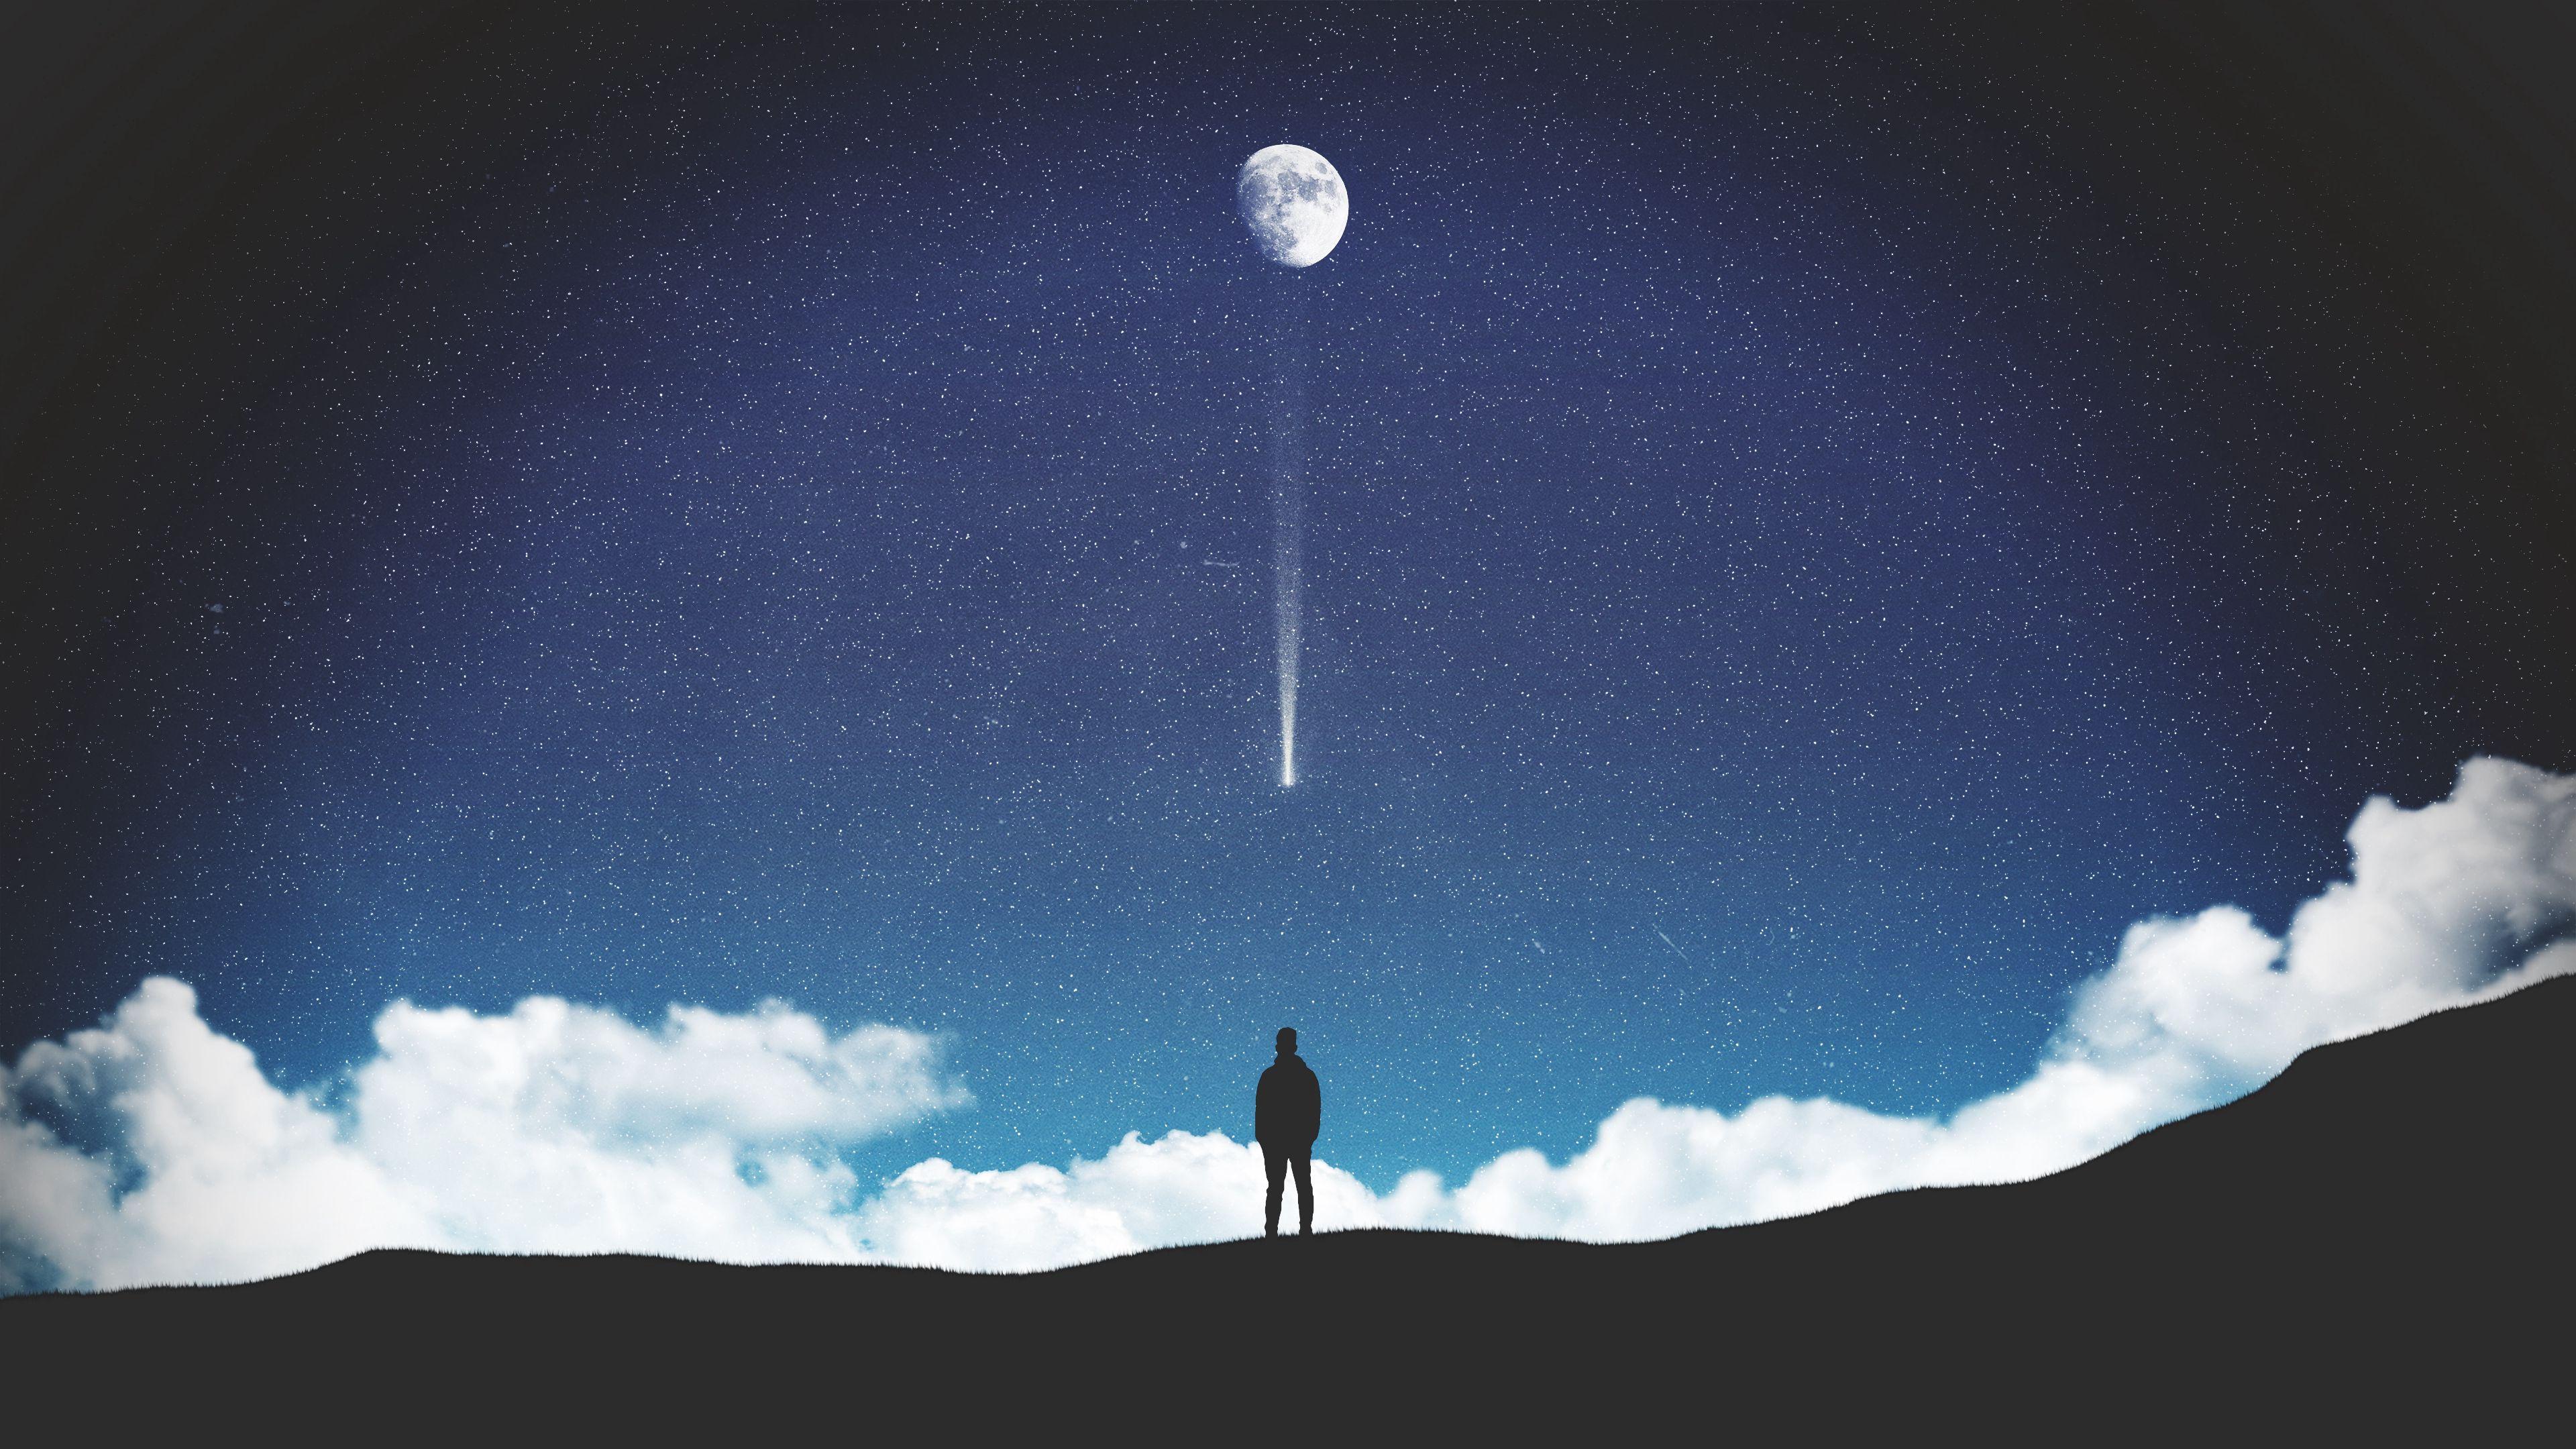 62008 скачать обои Арт, Звезды, Ночь, Луна, Силуэт, Одиночество - заставки и картинки бесплатно